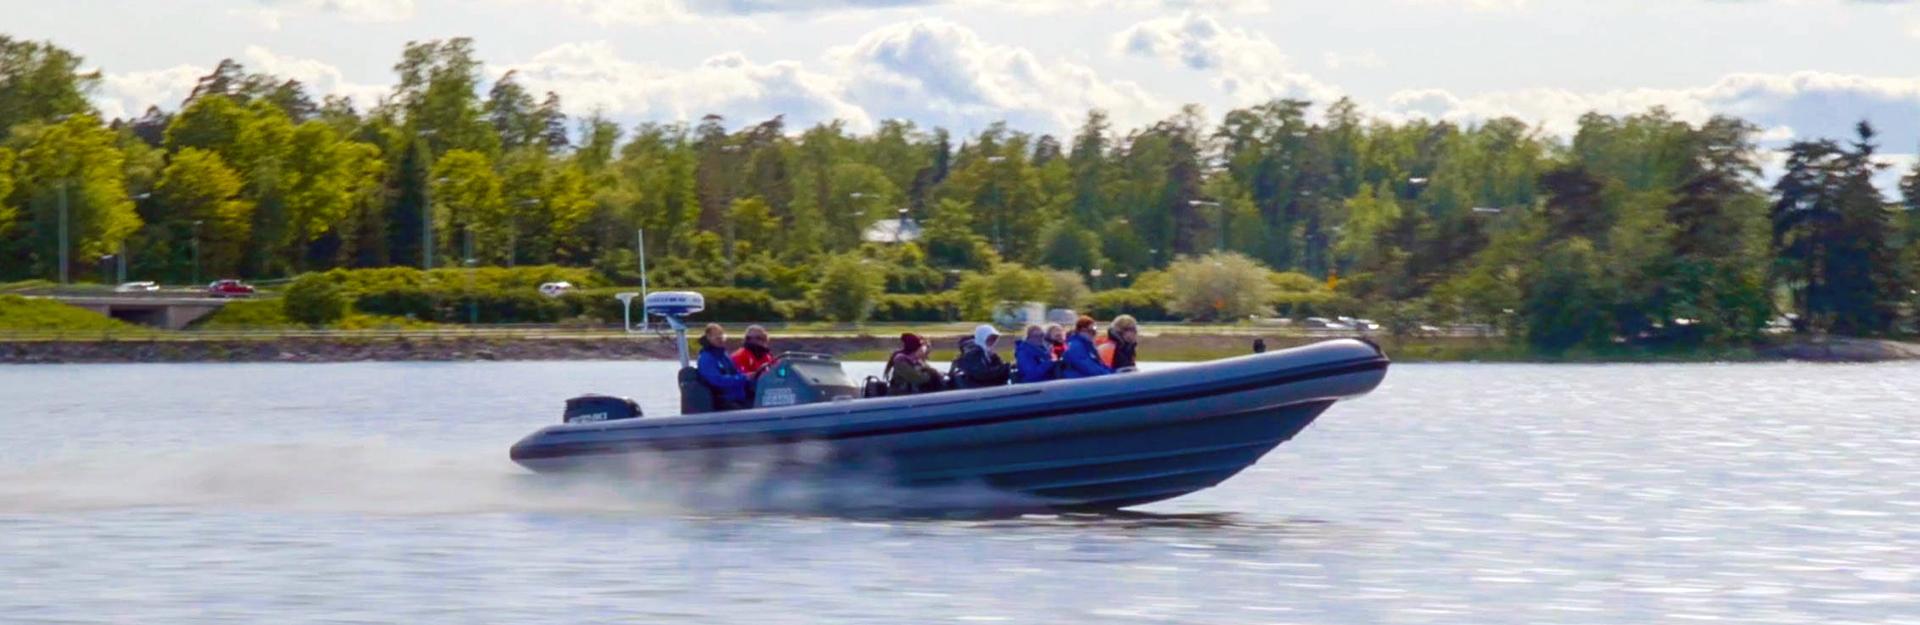 Ryhmä ihmisiä rib-veneen kyydissä.